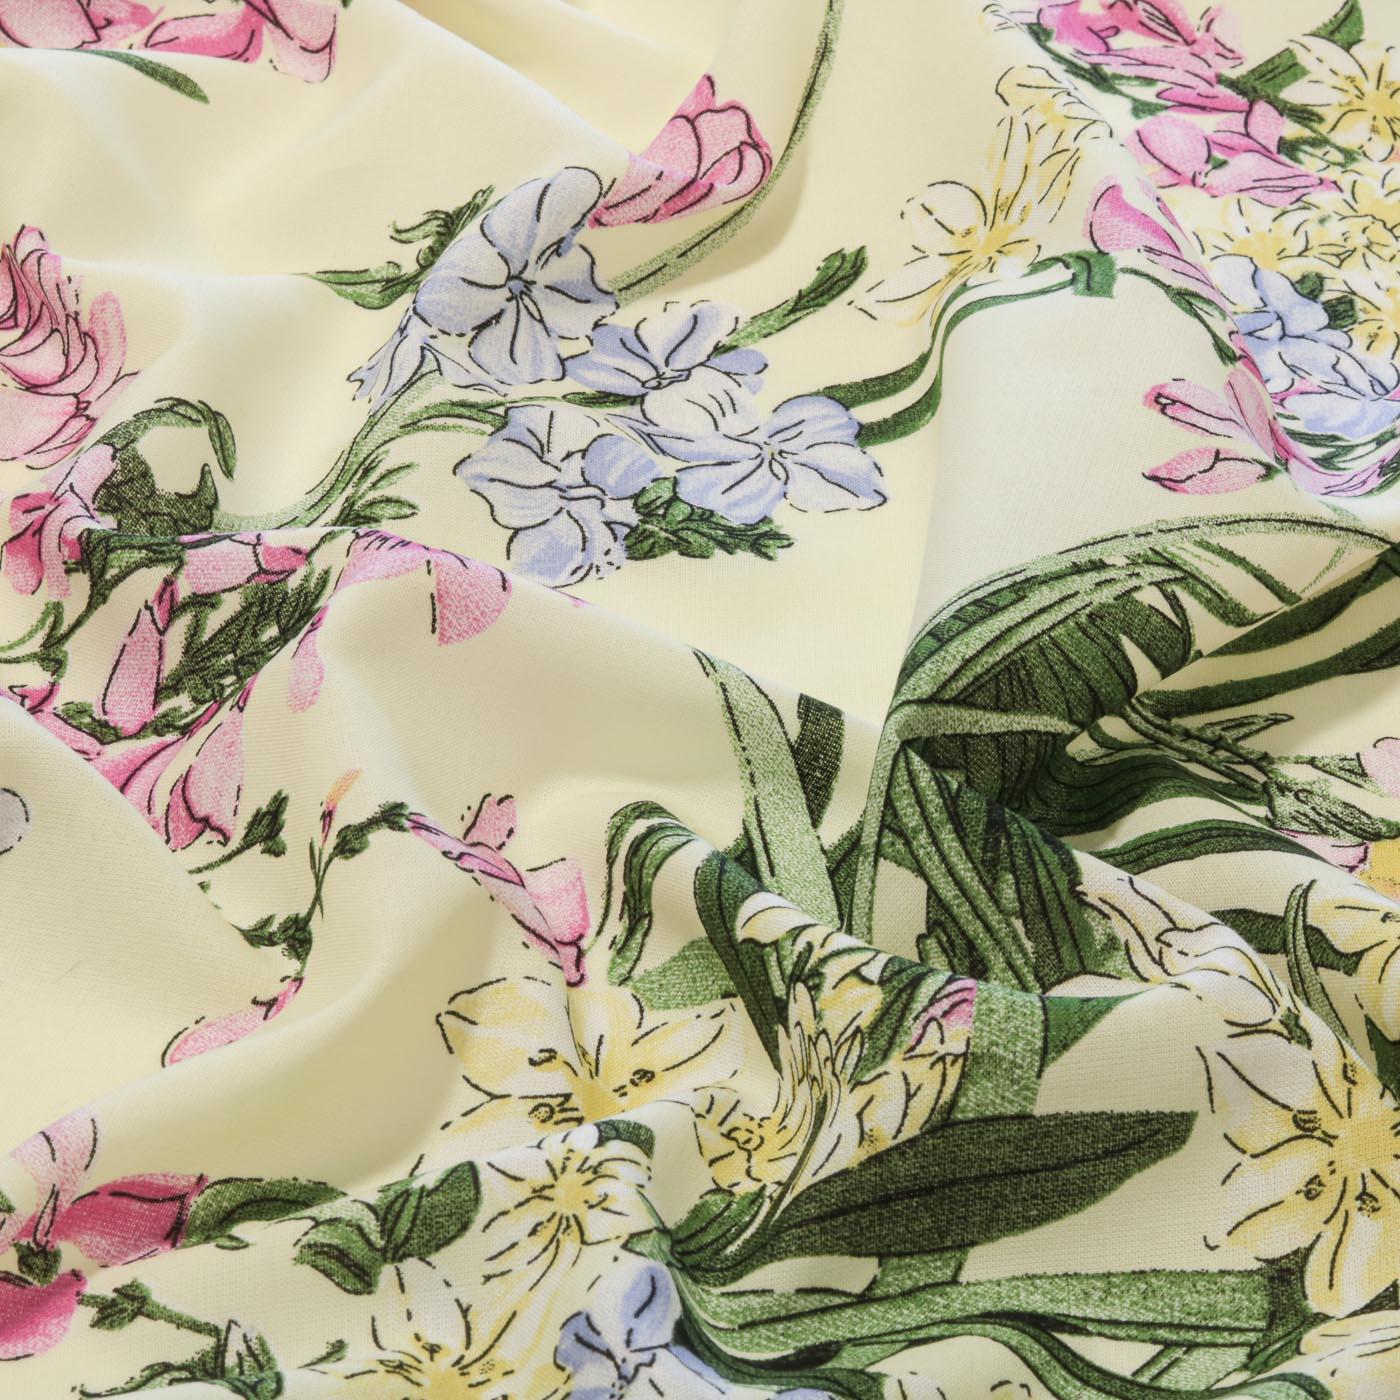 Tecido Viscose Estampado Flores 100% Viscose Amarelo Claro